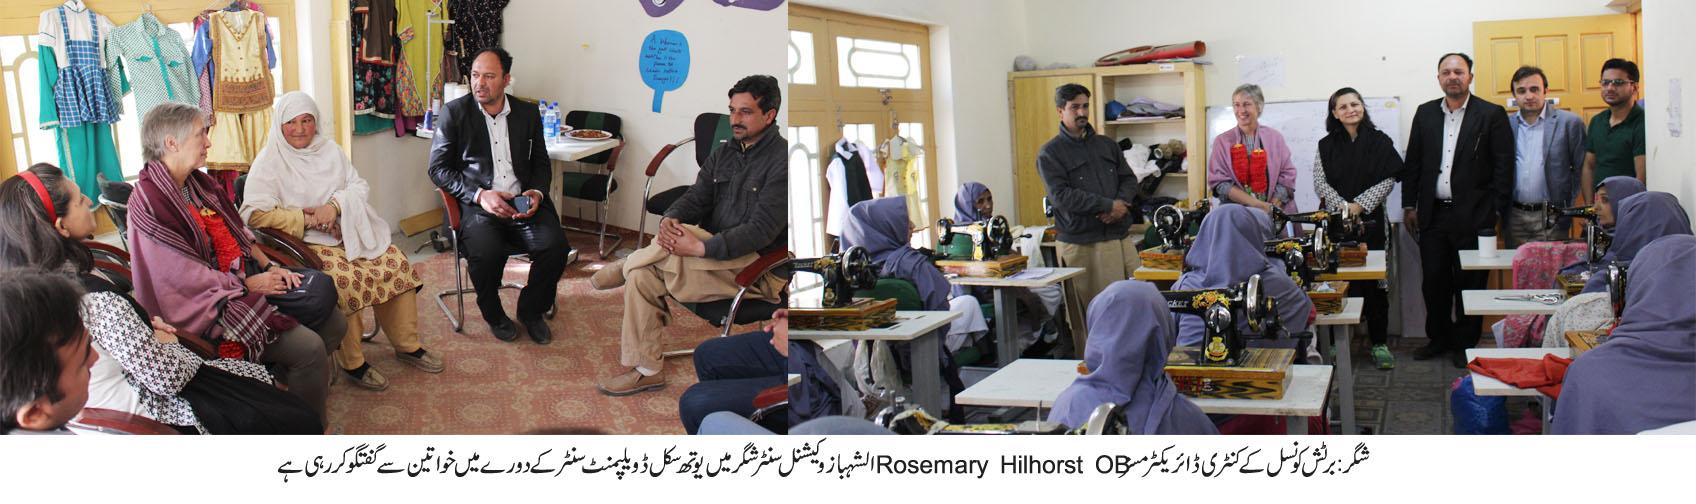 برٹش کونسل پاکستان کی کنٹری ڈائریکٹر کا دورہ شگر، ووکیشنل سینٹر میں زیر تربیت خواتین سے ملاقات